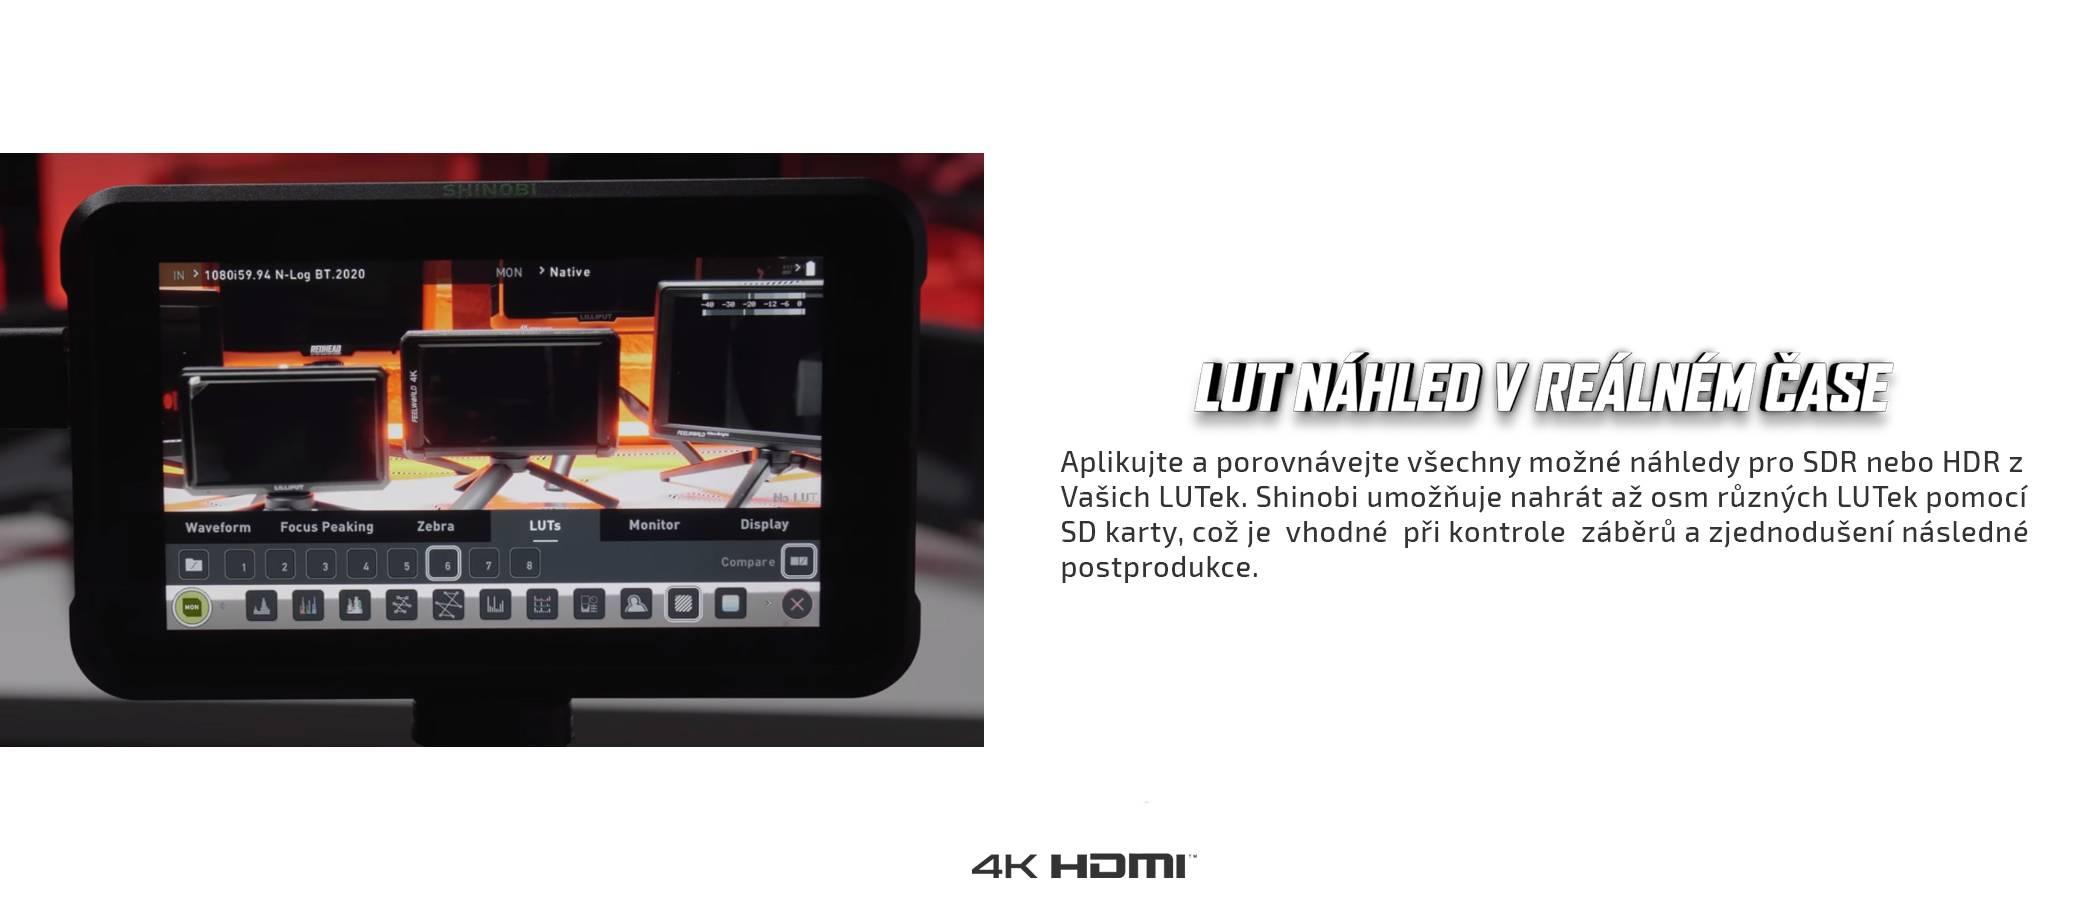 film-technika-atomos-shinobi-hdmi-5-inc-náhledový-monitor-lut-v-reálném-čase